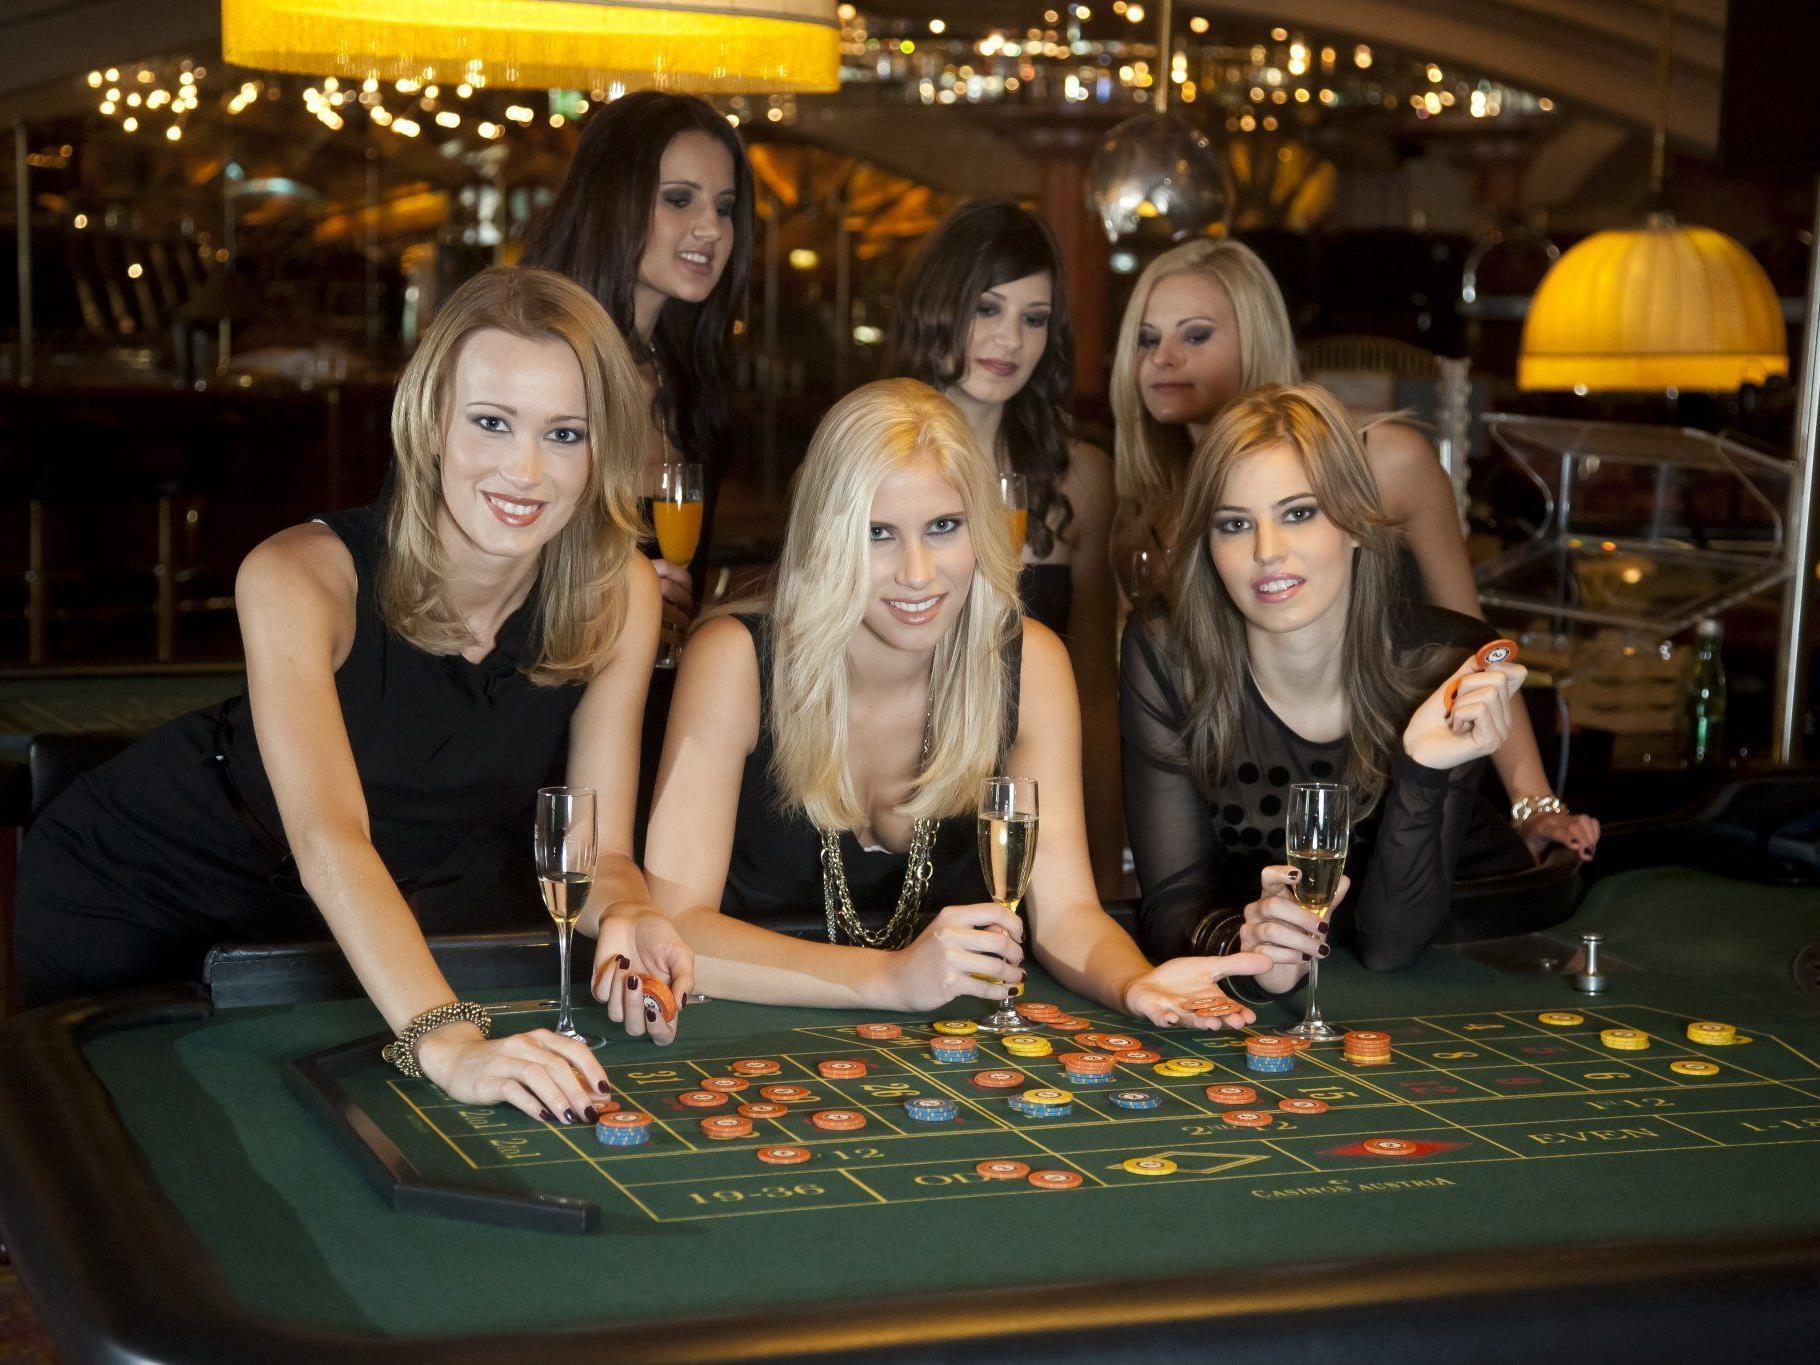 Erster Auftritt der Miss-Kandidatinnen am 17. Jänner im Casino in Bregenz.